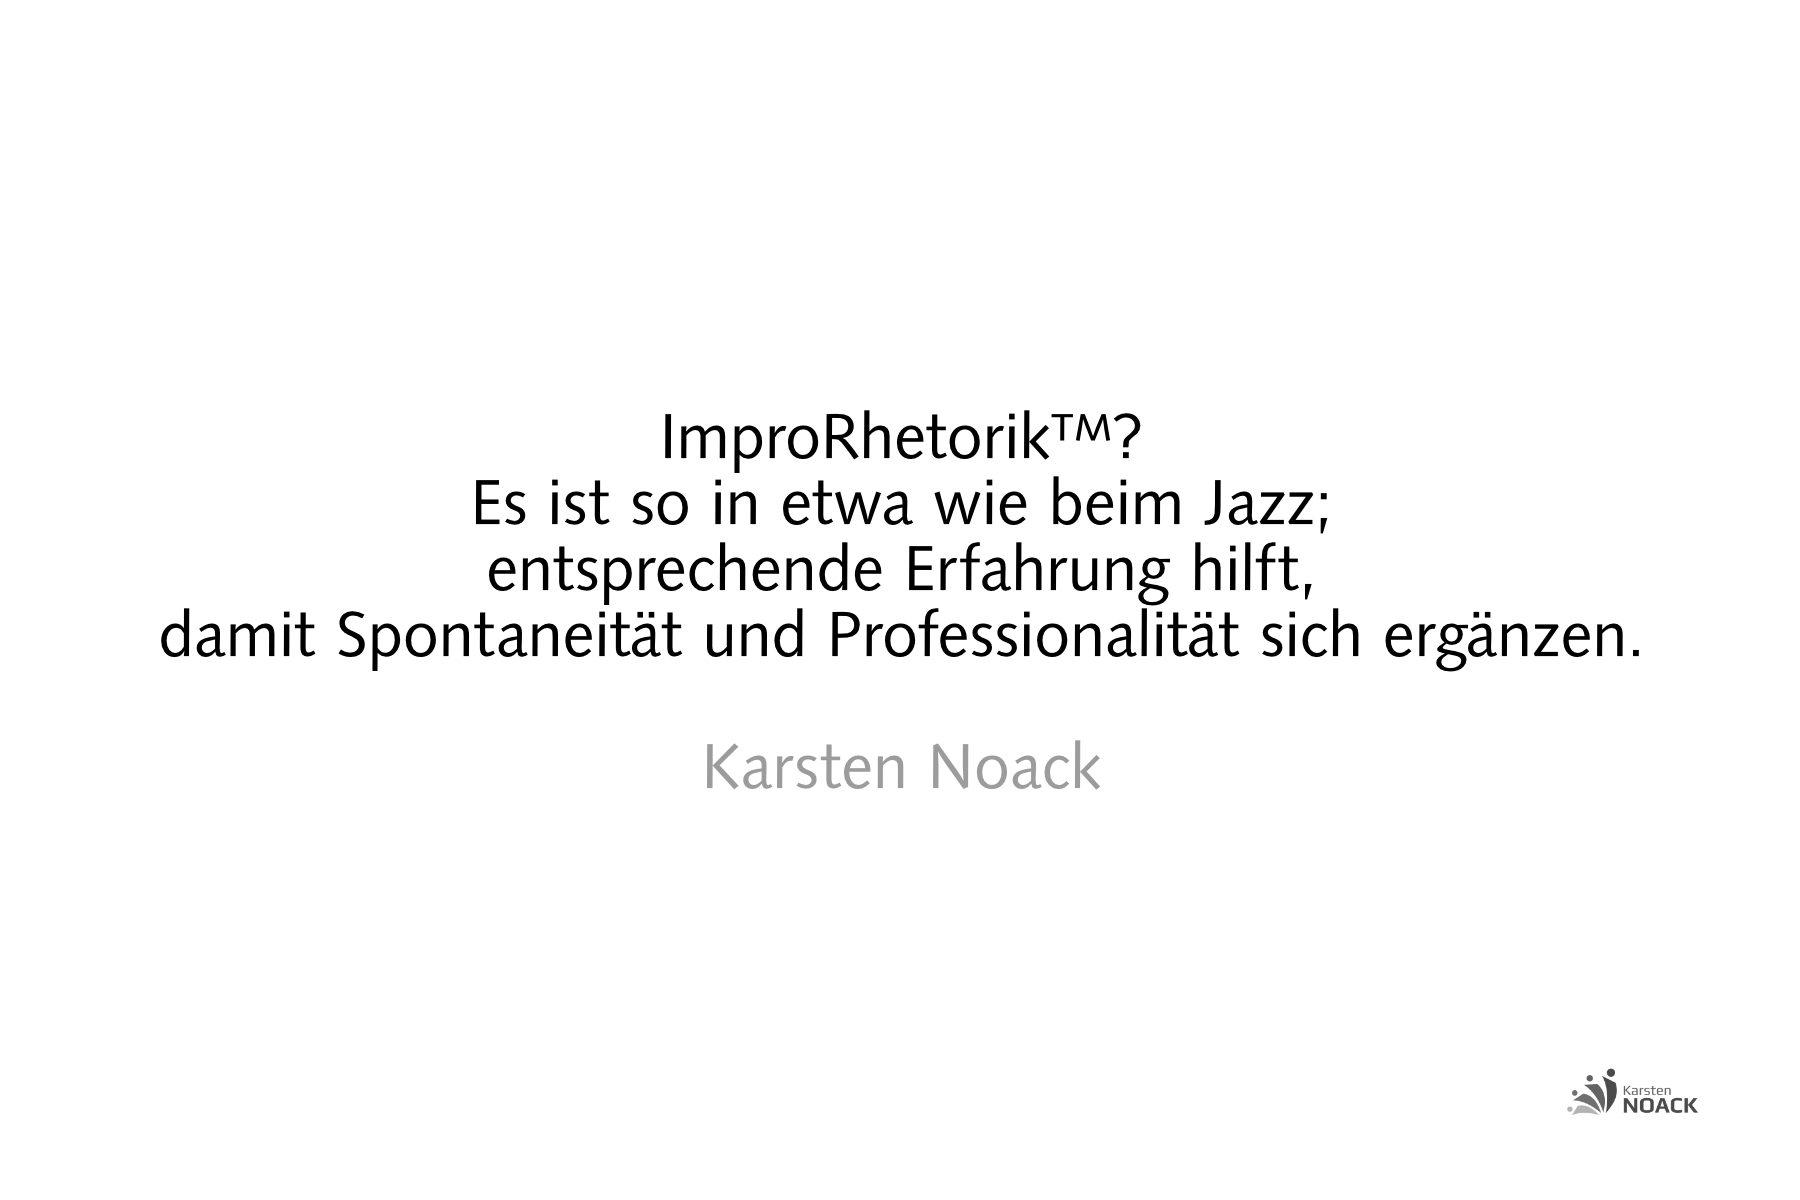 ImproRhetorik? Es ist so in etwa wie beim Jazz; entsprechende Erfahrung hilft, damit Spontaneität und Professionalität sich ergänzen.